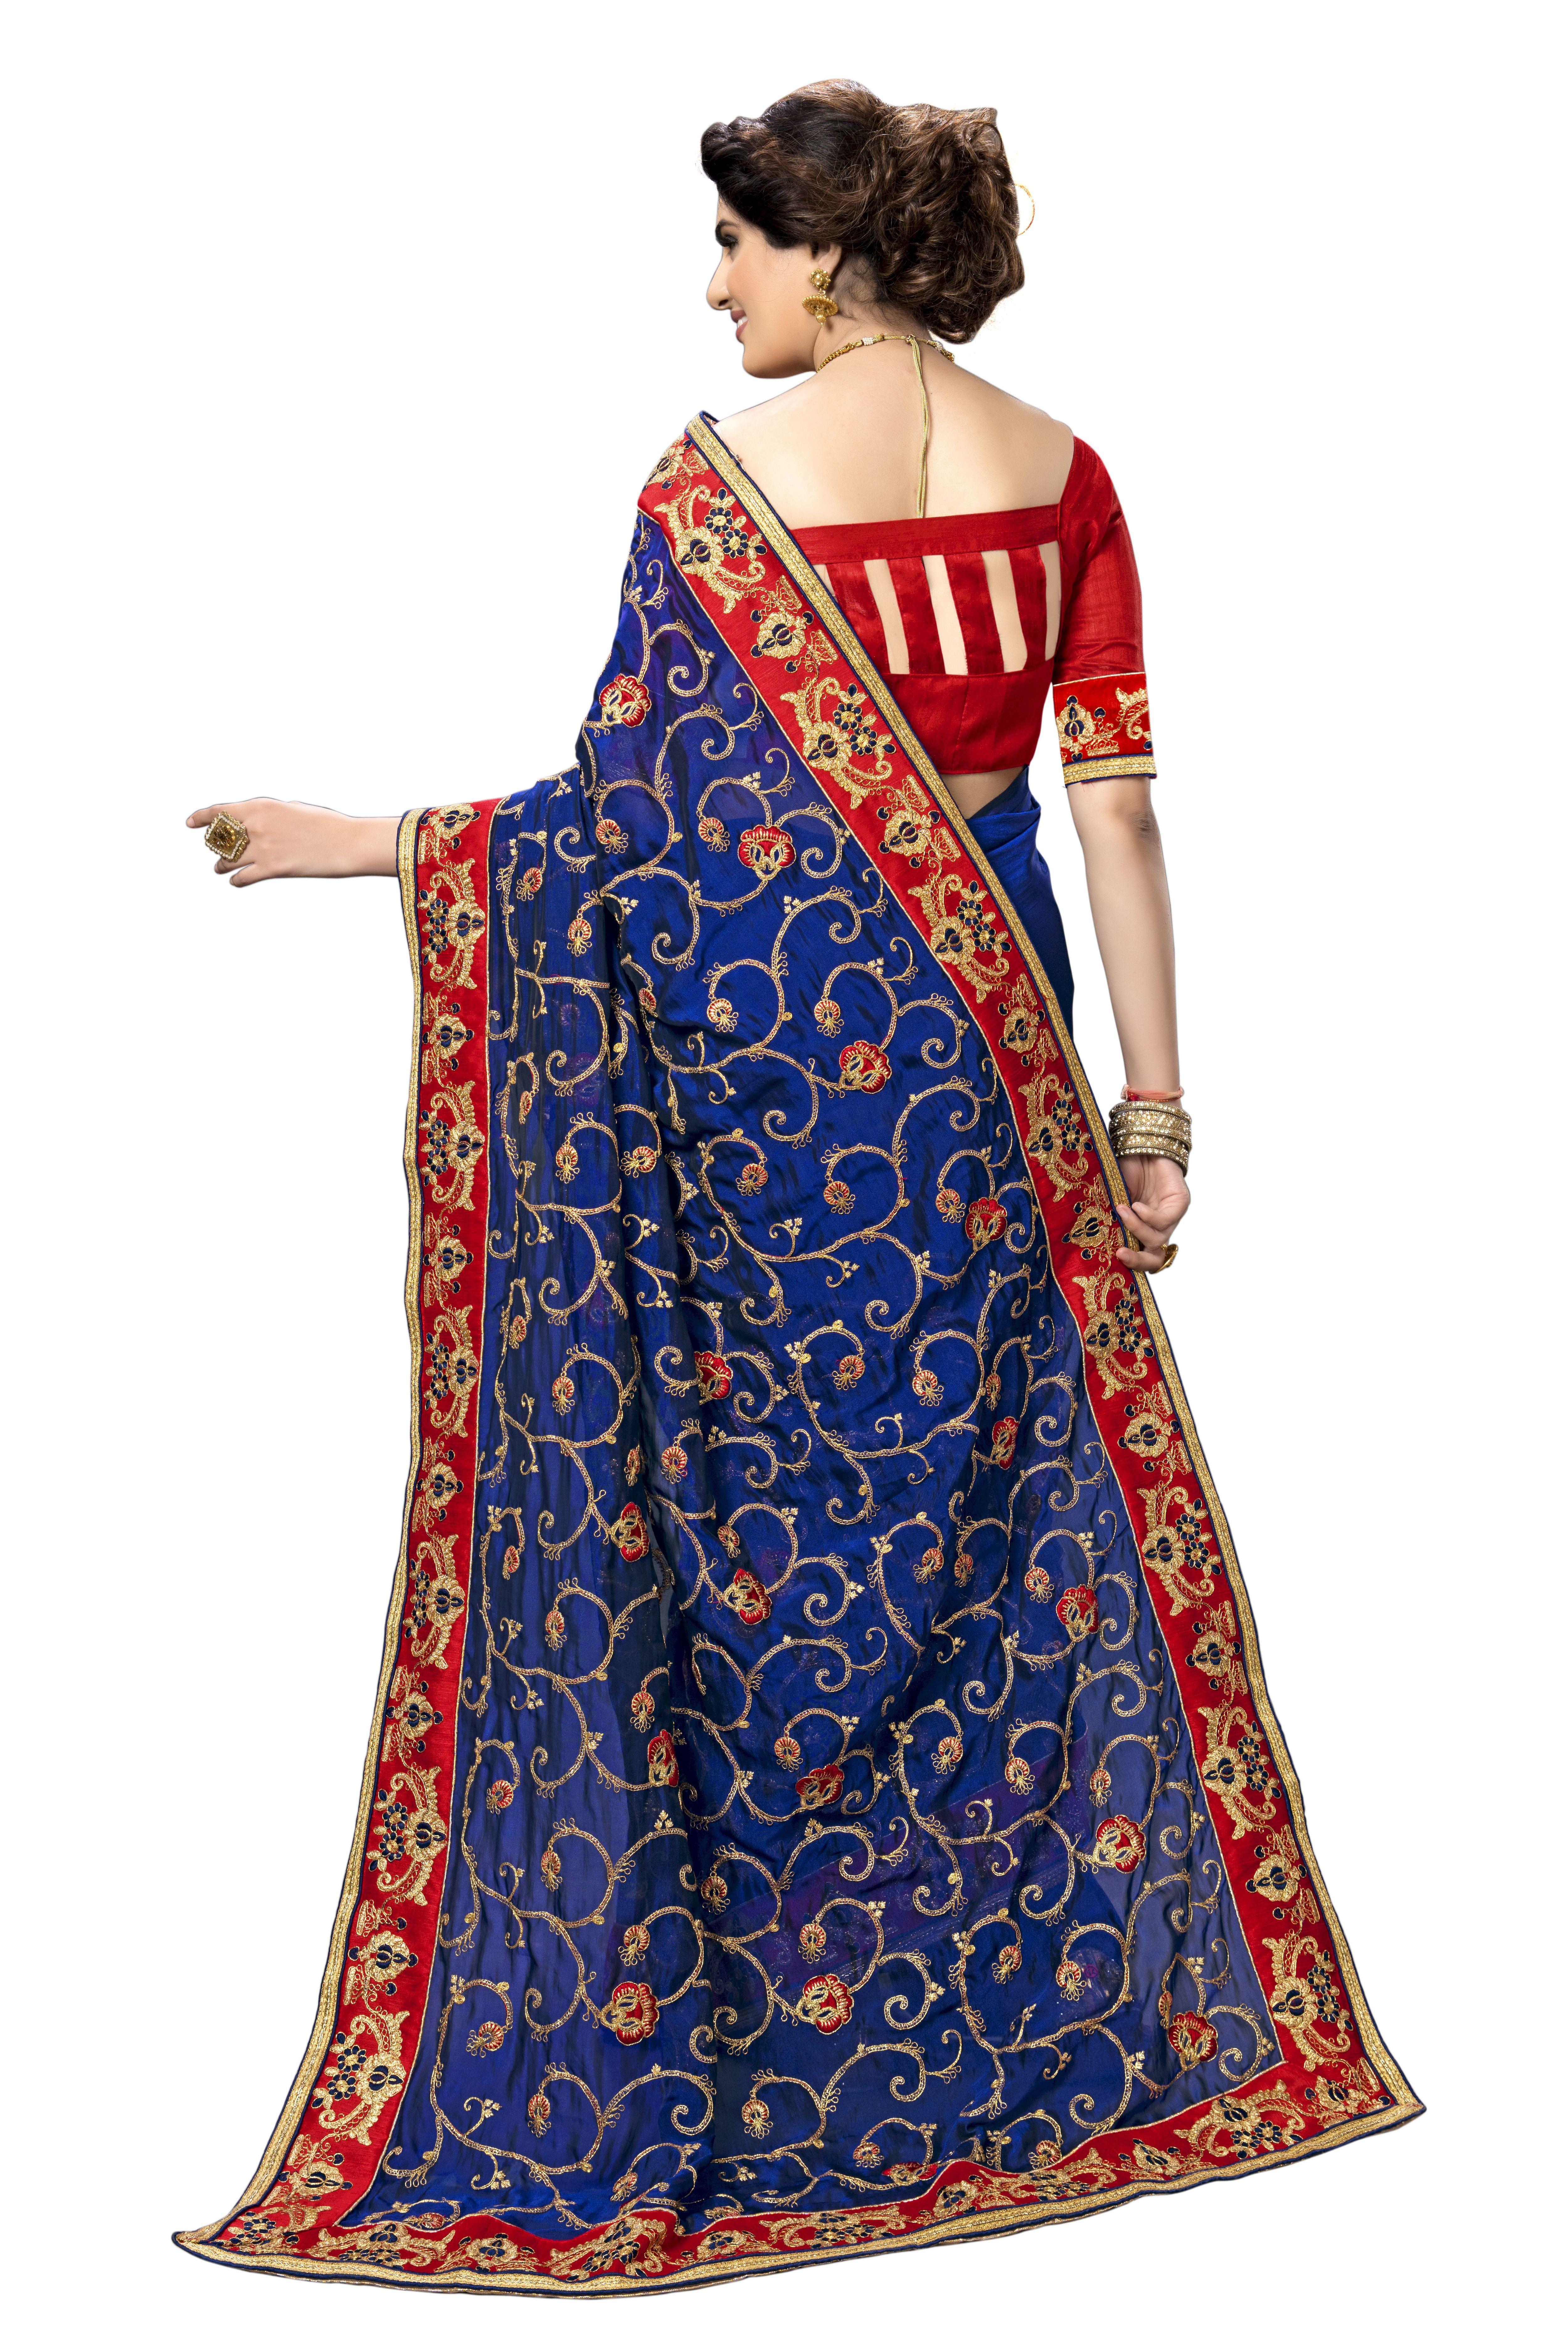 kalamakari design embroidered satin saree